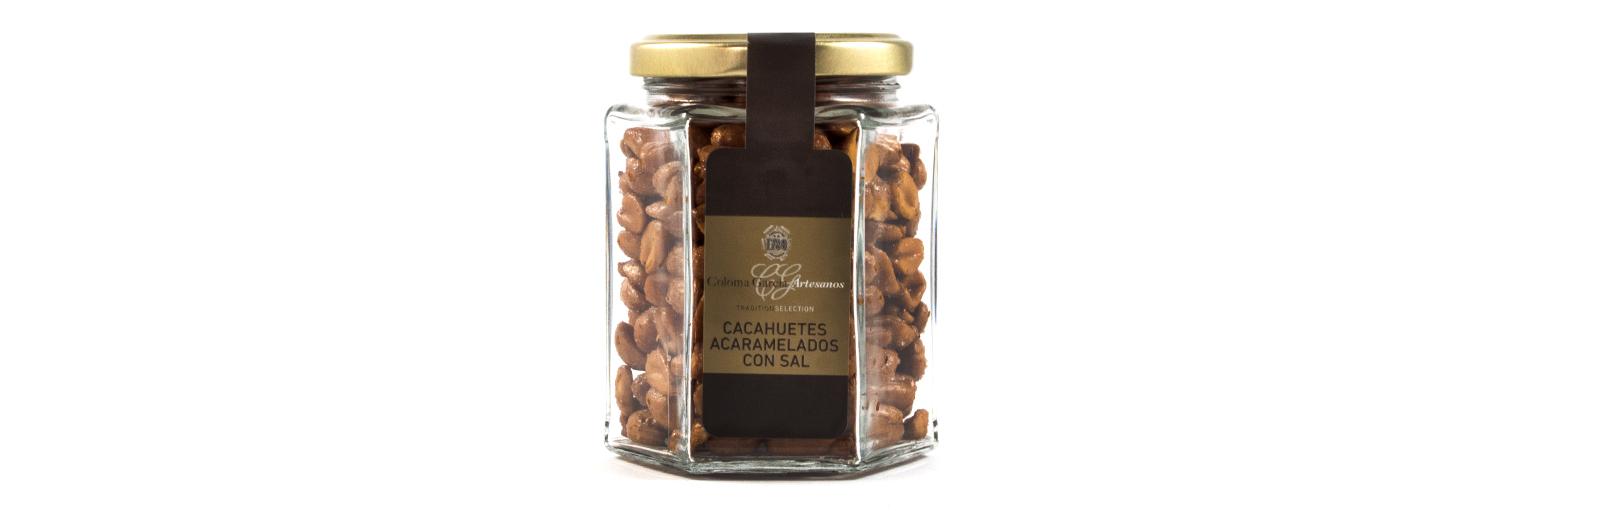 cacahuetes-acaramelados-con-sal